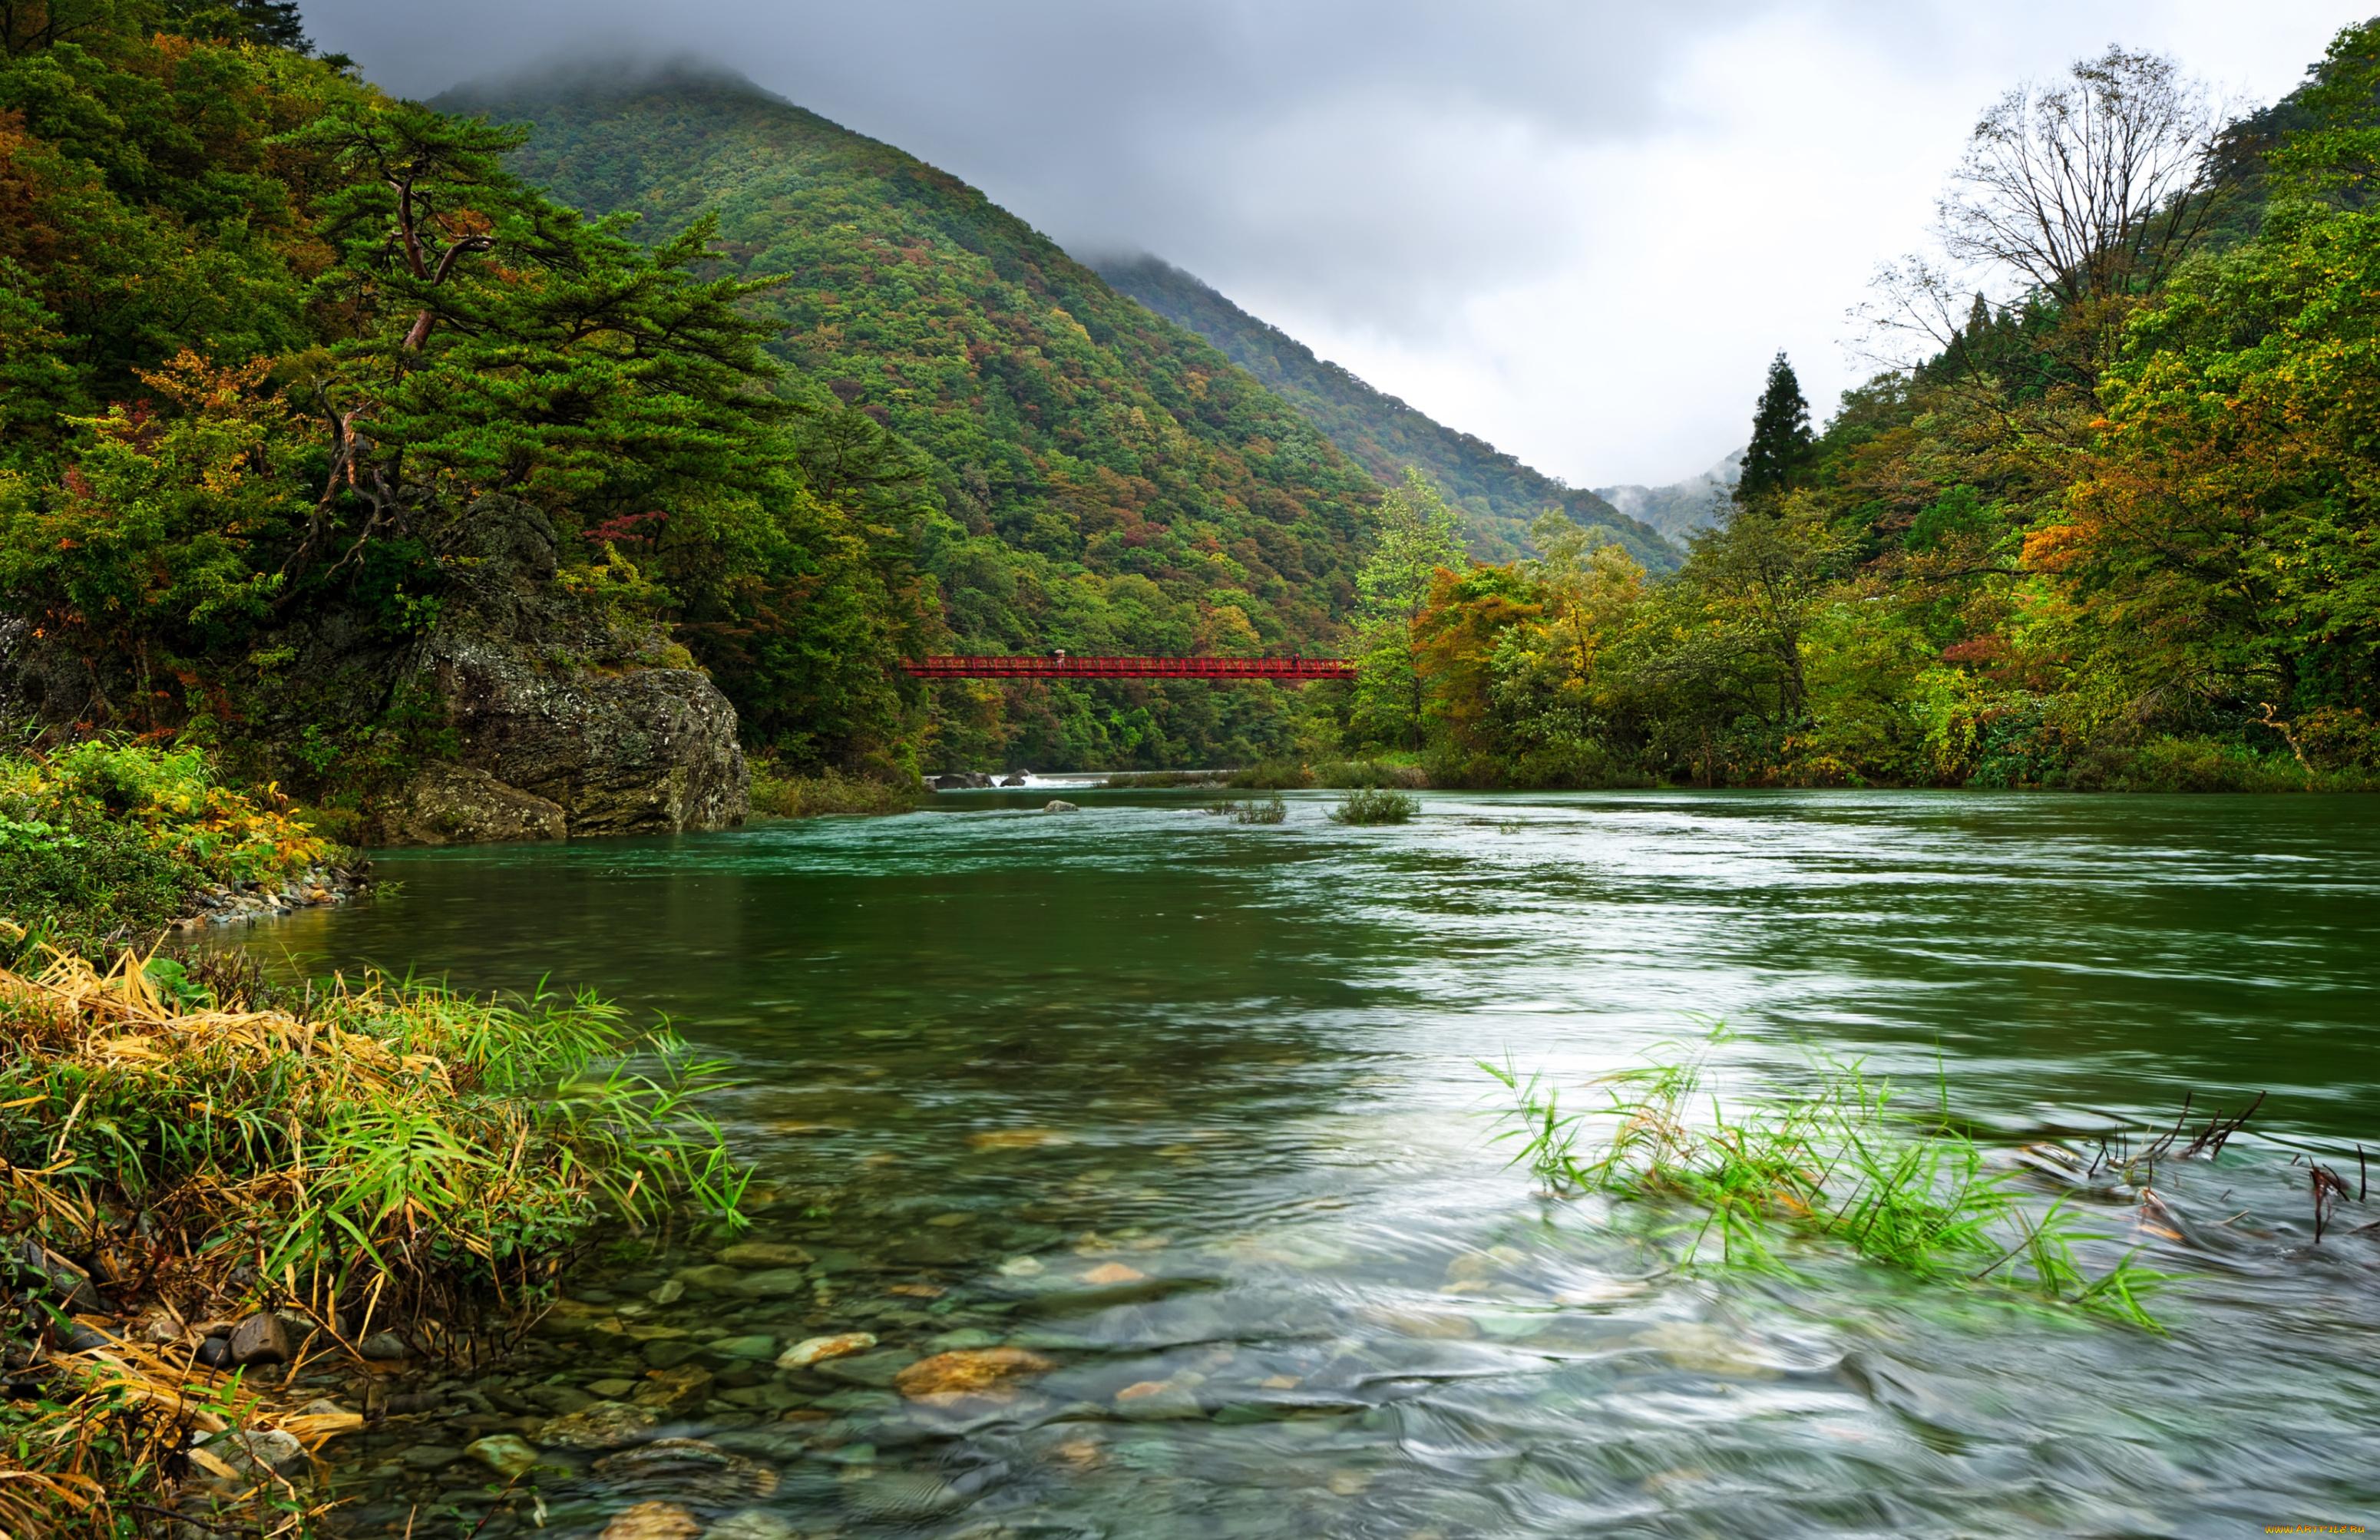 Озерцо мостик лес горы  № 2950082 бесплатно